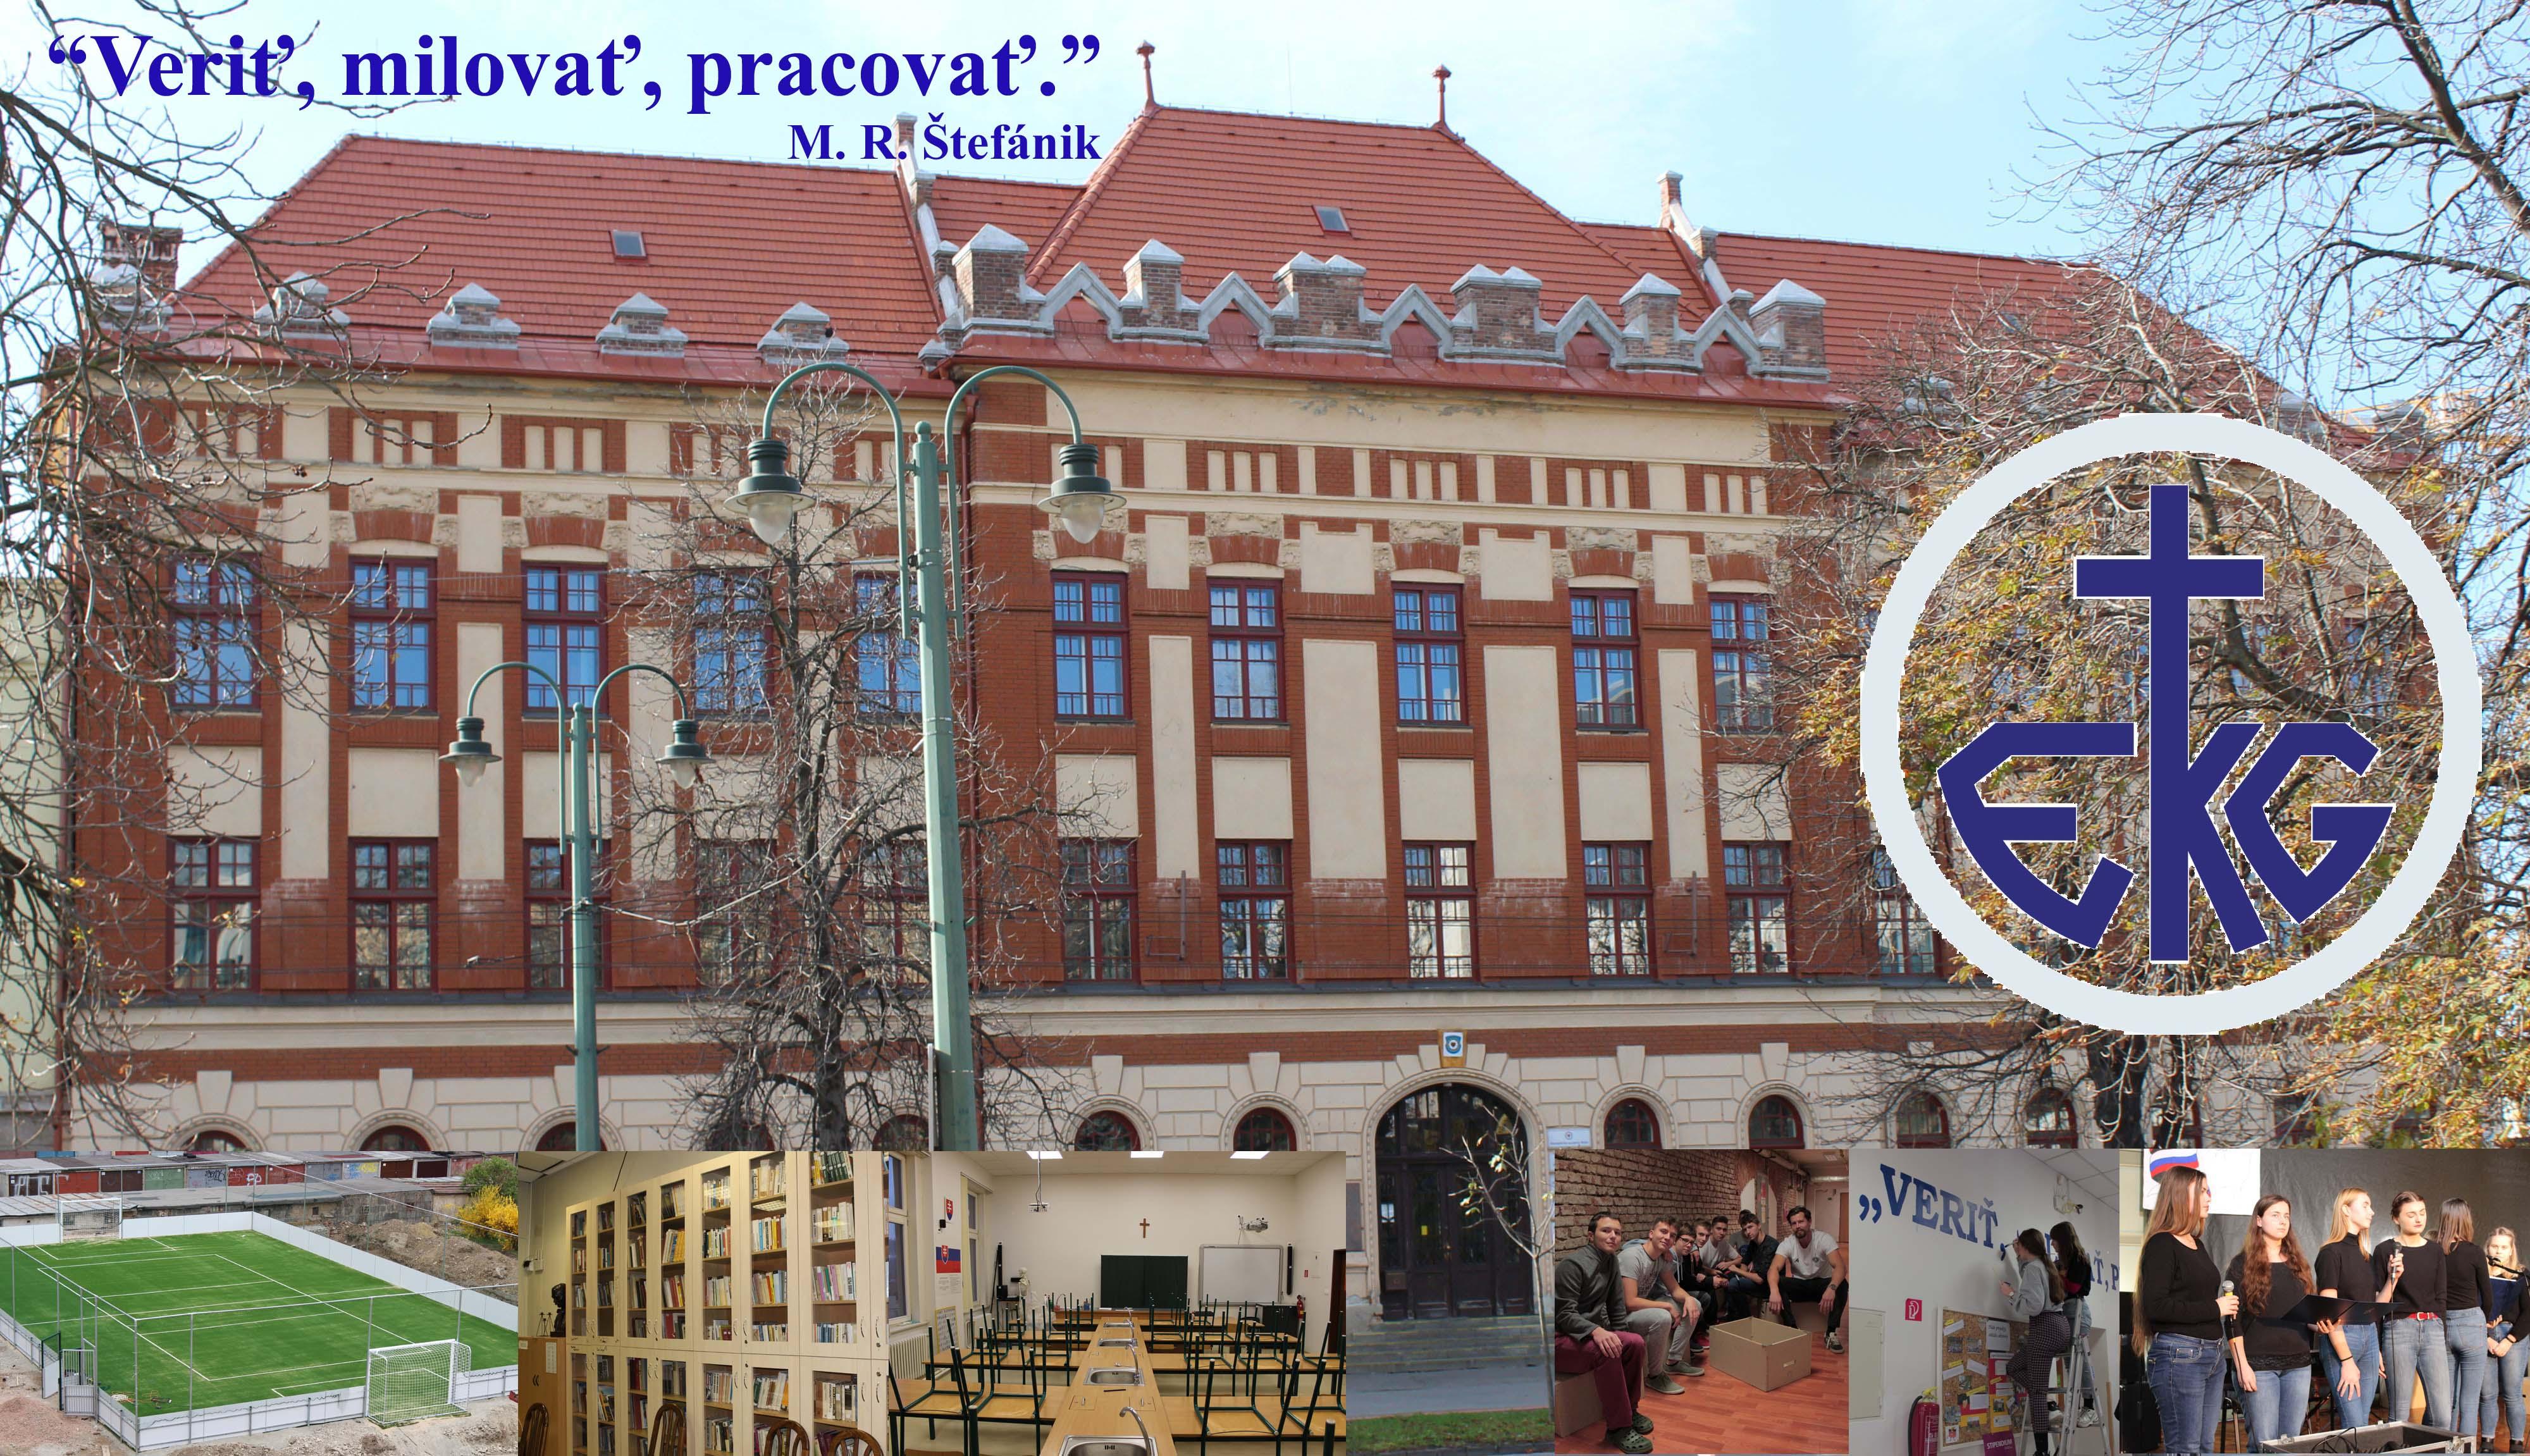 Evanjelické kolegiálne gymnázium, organizačná zložka Evanjelickej spojenej školy v Prešove